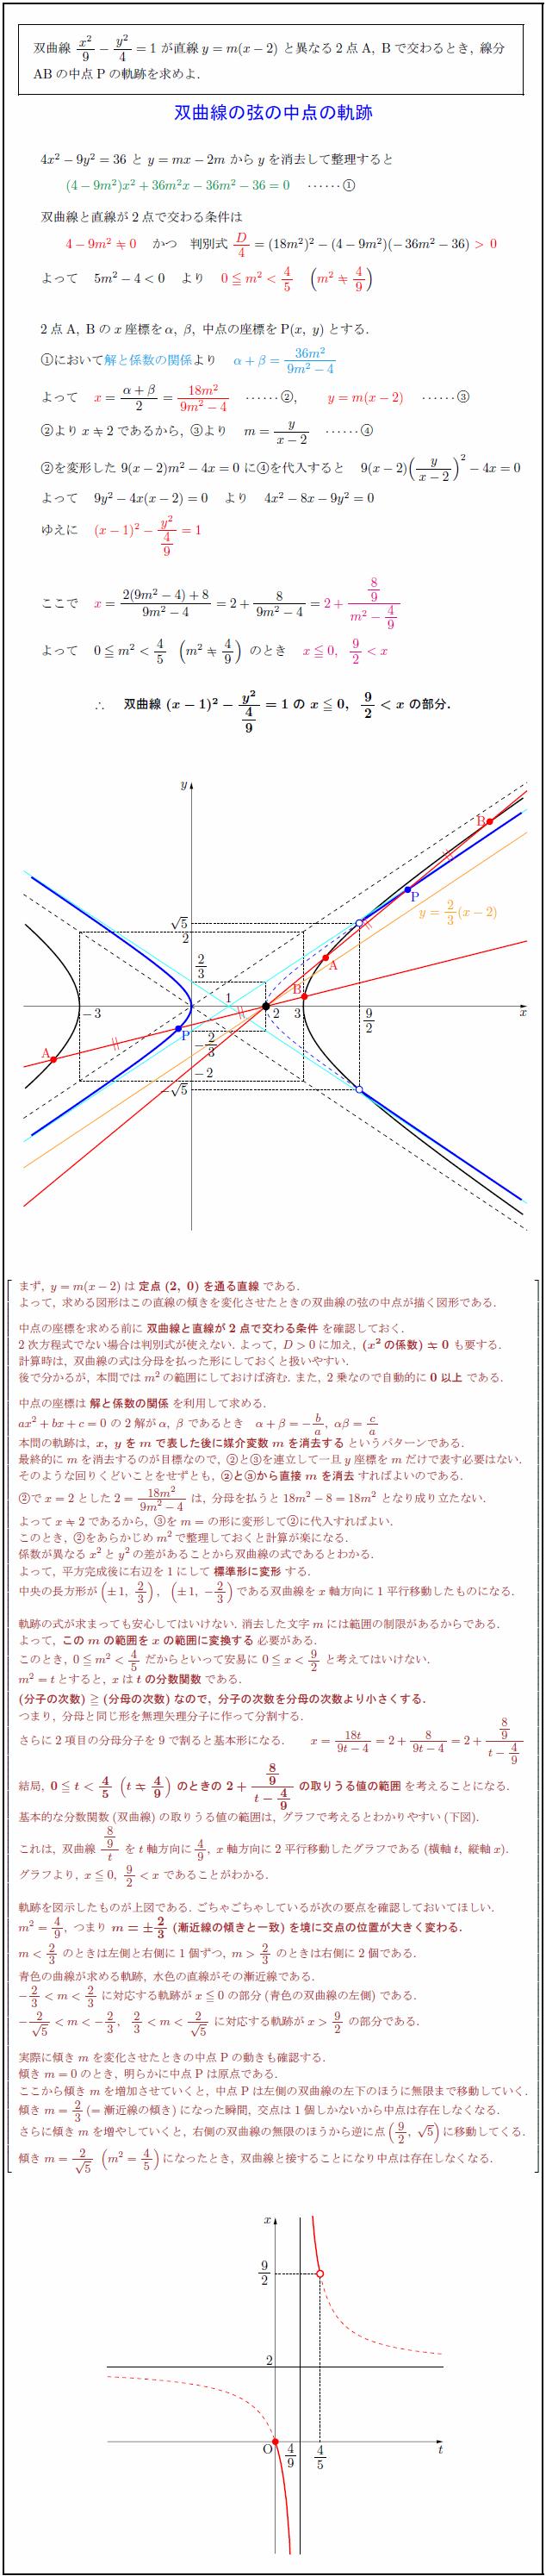 hyperbola-chord-locus